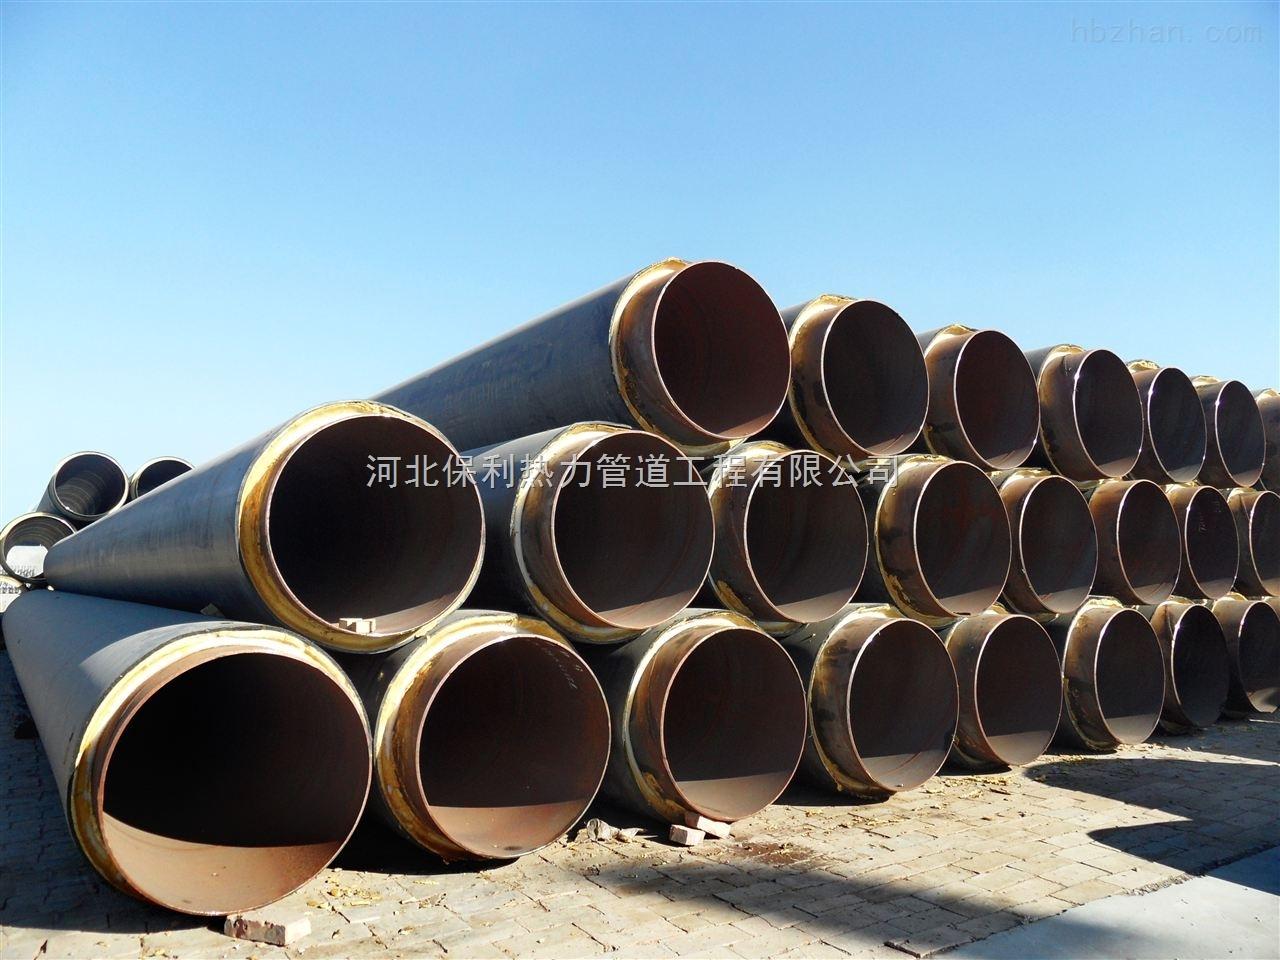 厂家供应聚氨酯硬质保温管道国家标准价格